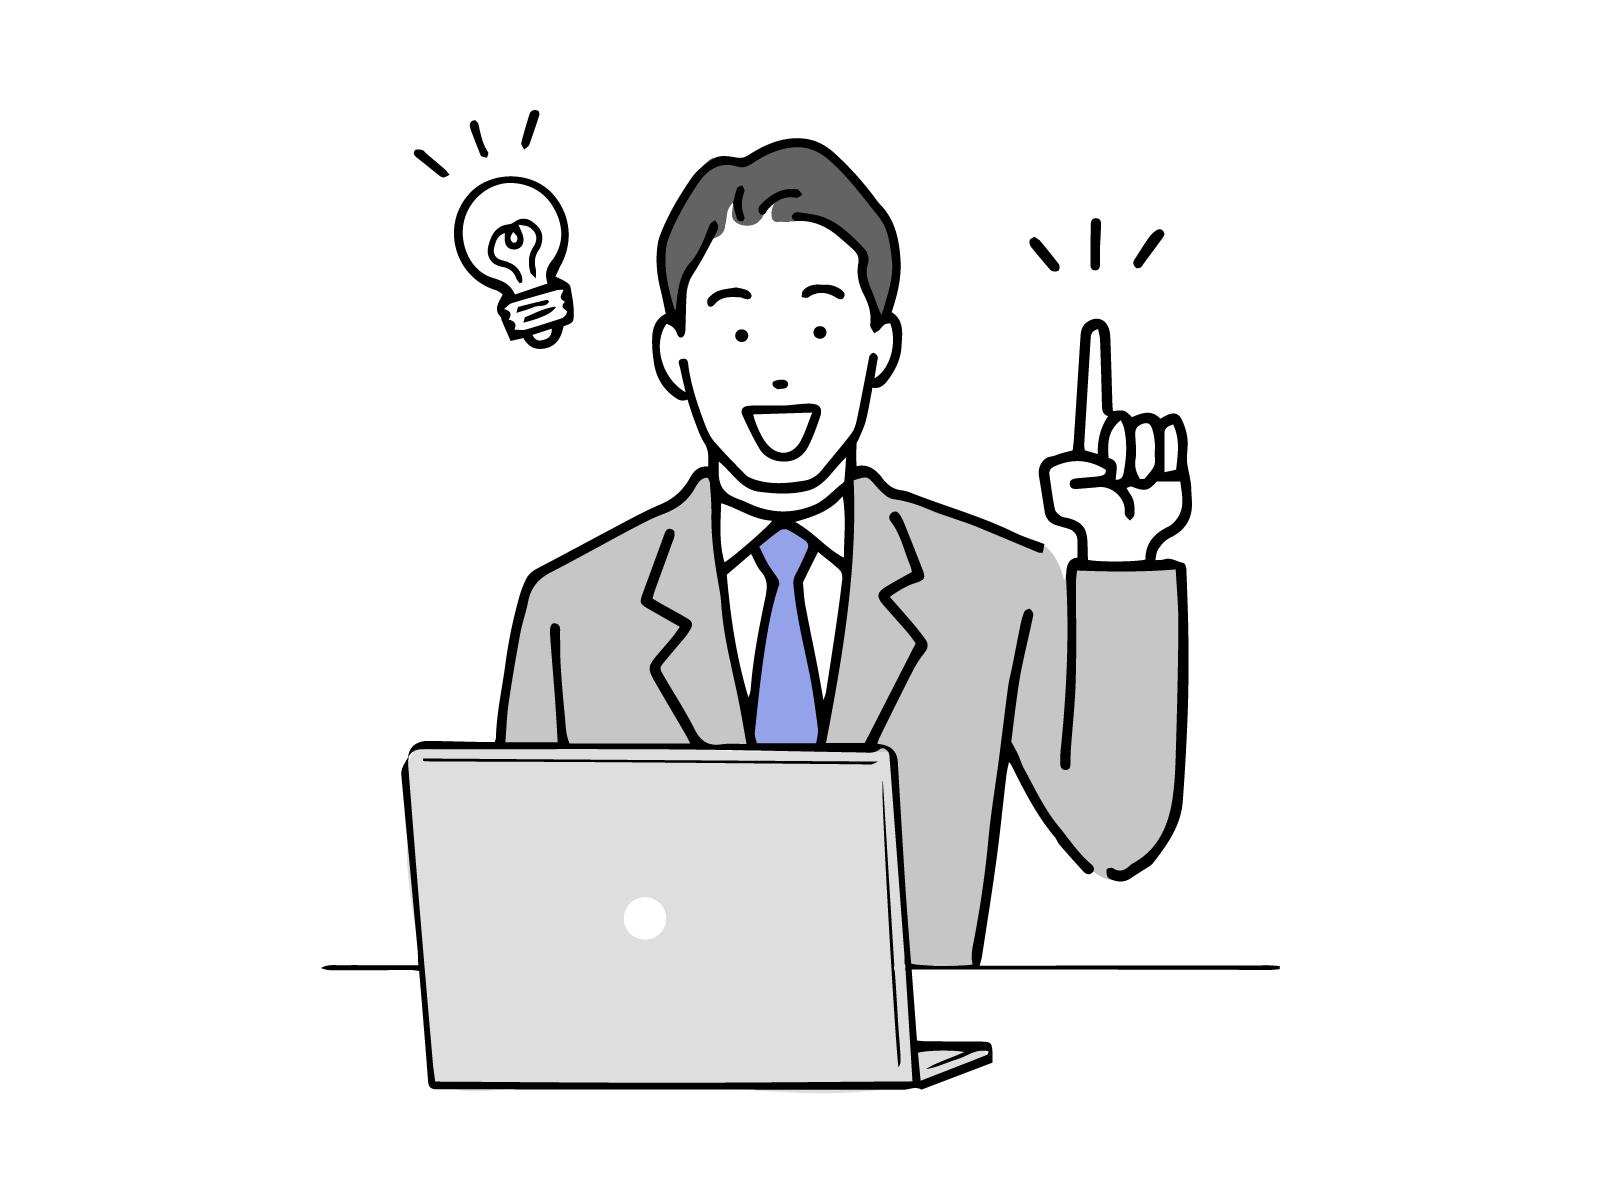 ノートPCの画面が狭いと嘆くなら、仮想デスクトップを使おう!